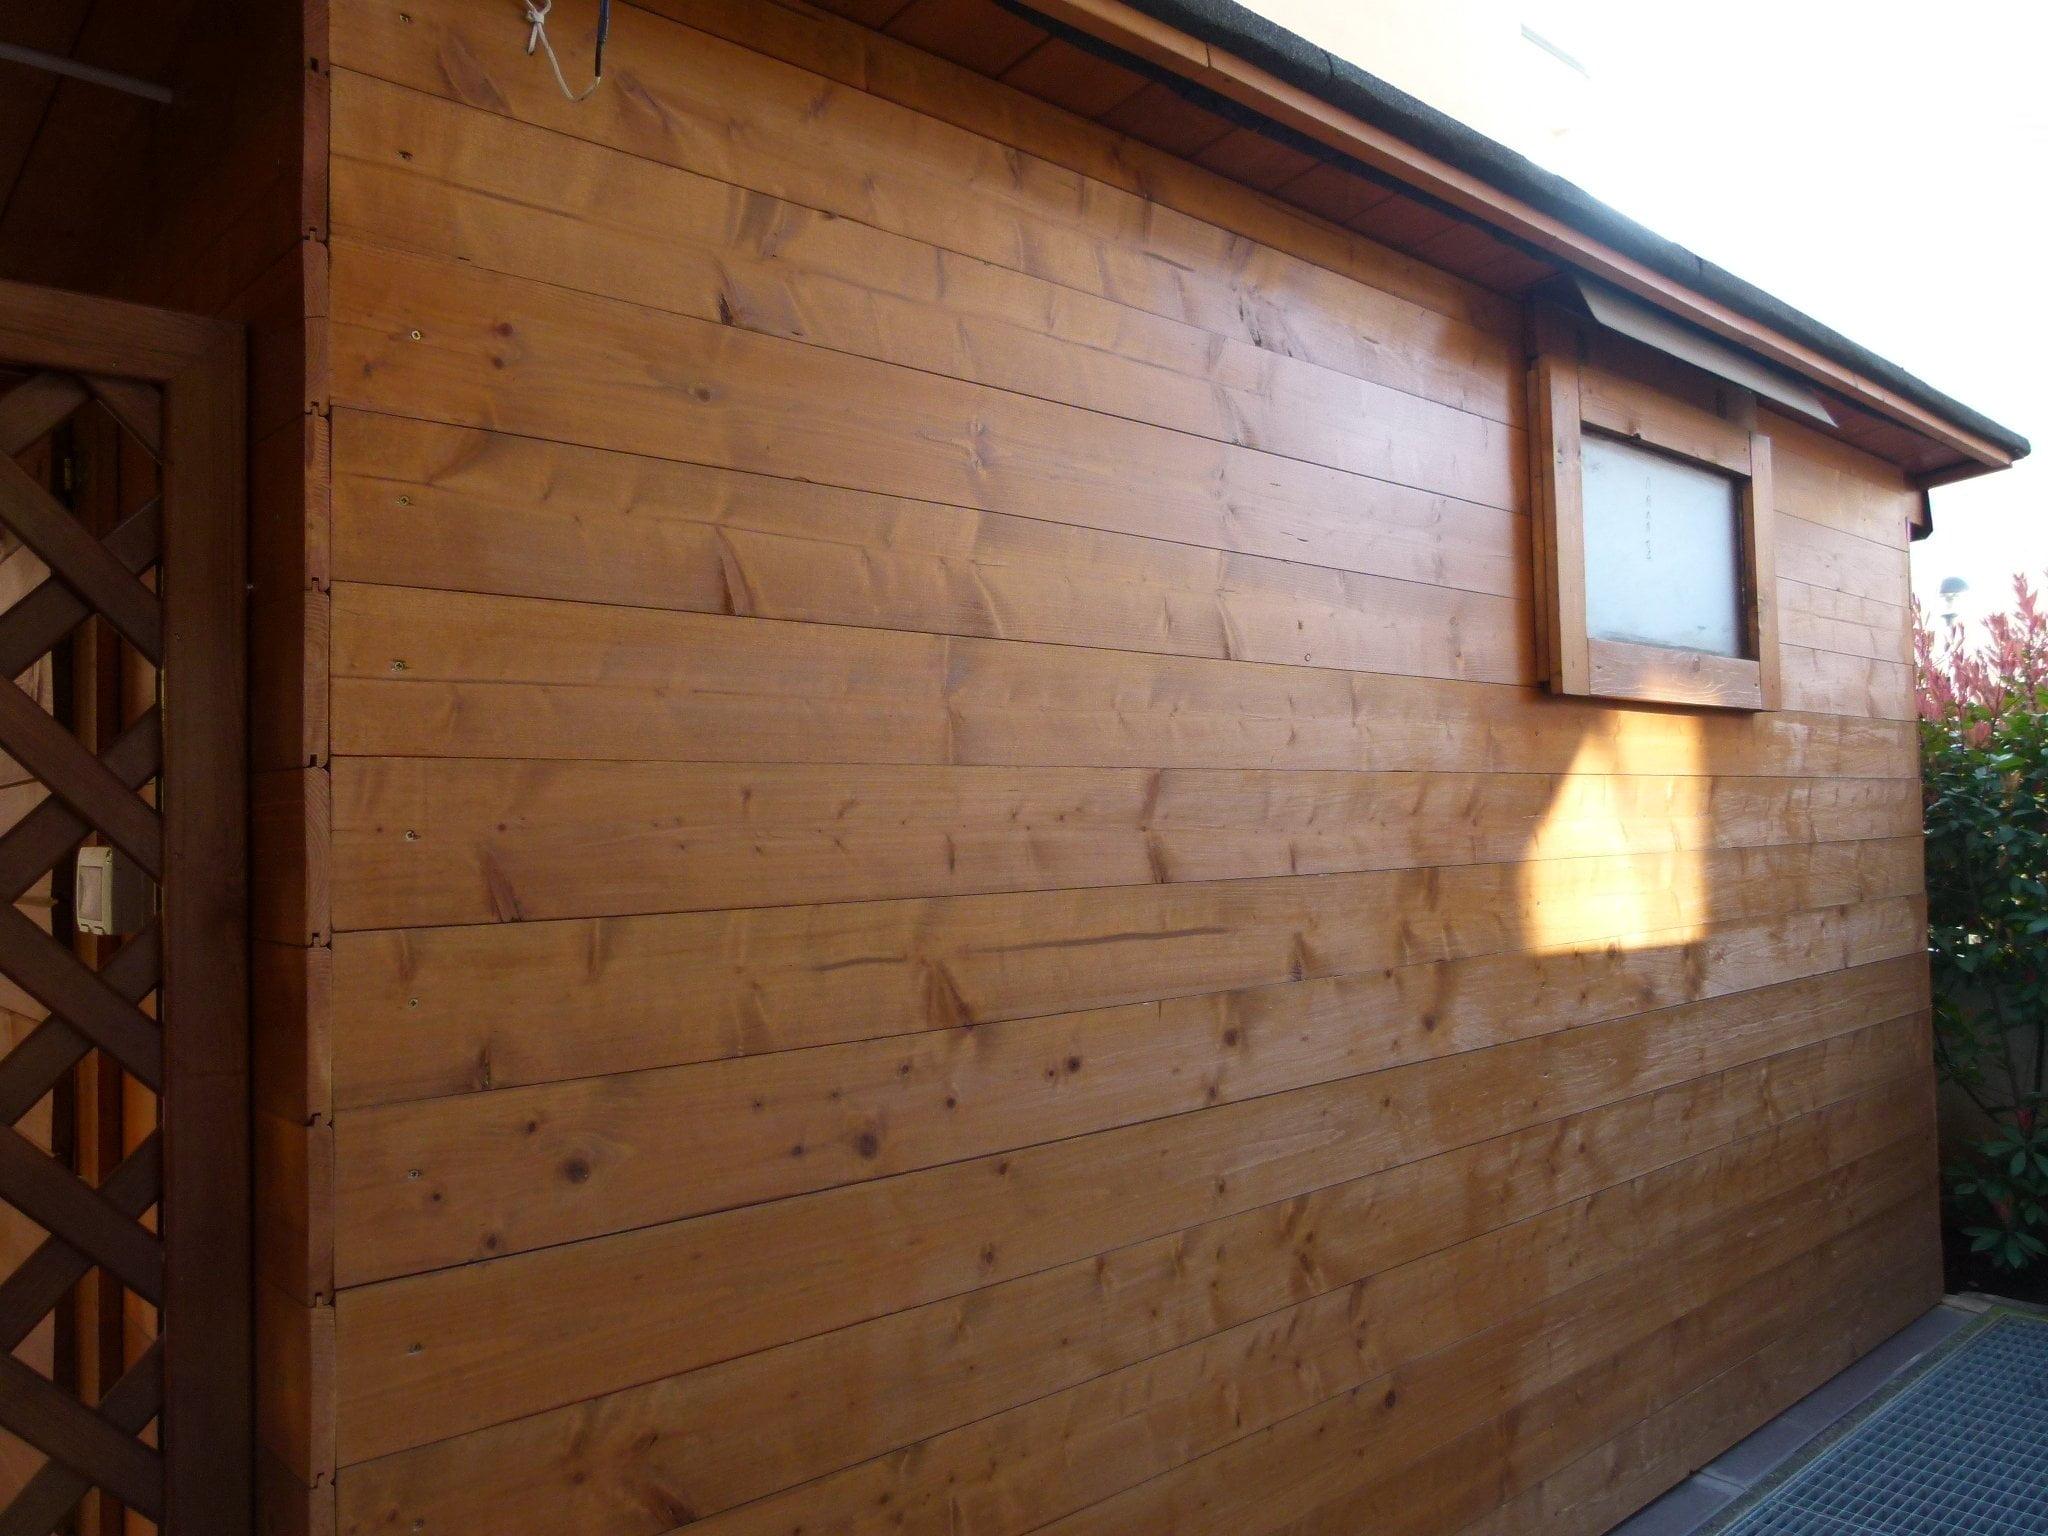 Perline abete impregnato parete esterna vilalsanta monza e brianza cereda legnami agrate - Rivestire parete in legno ...